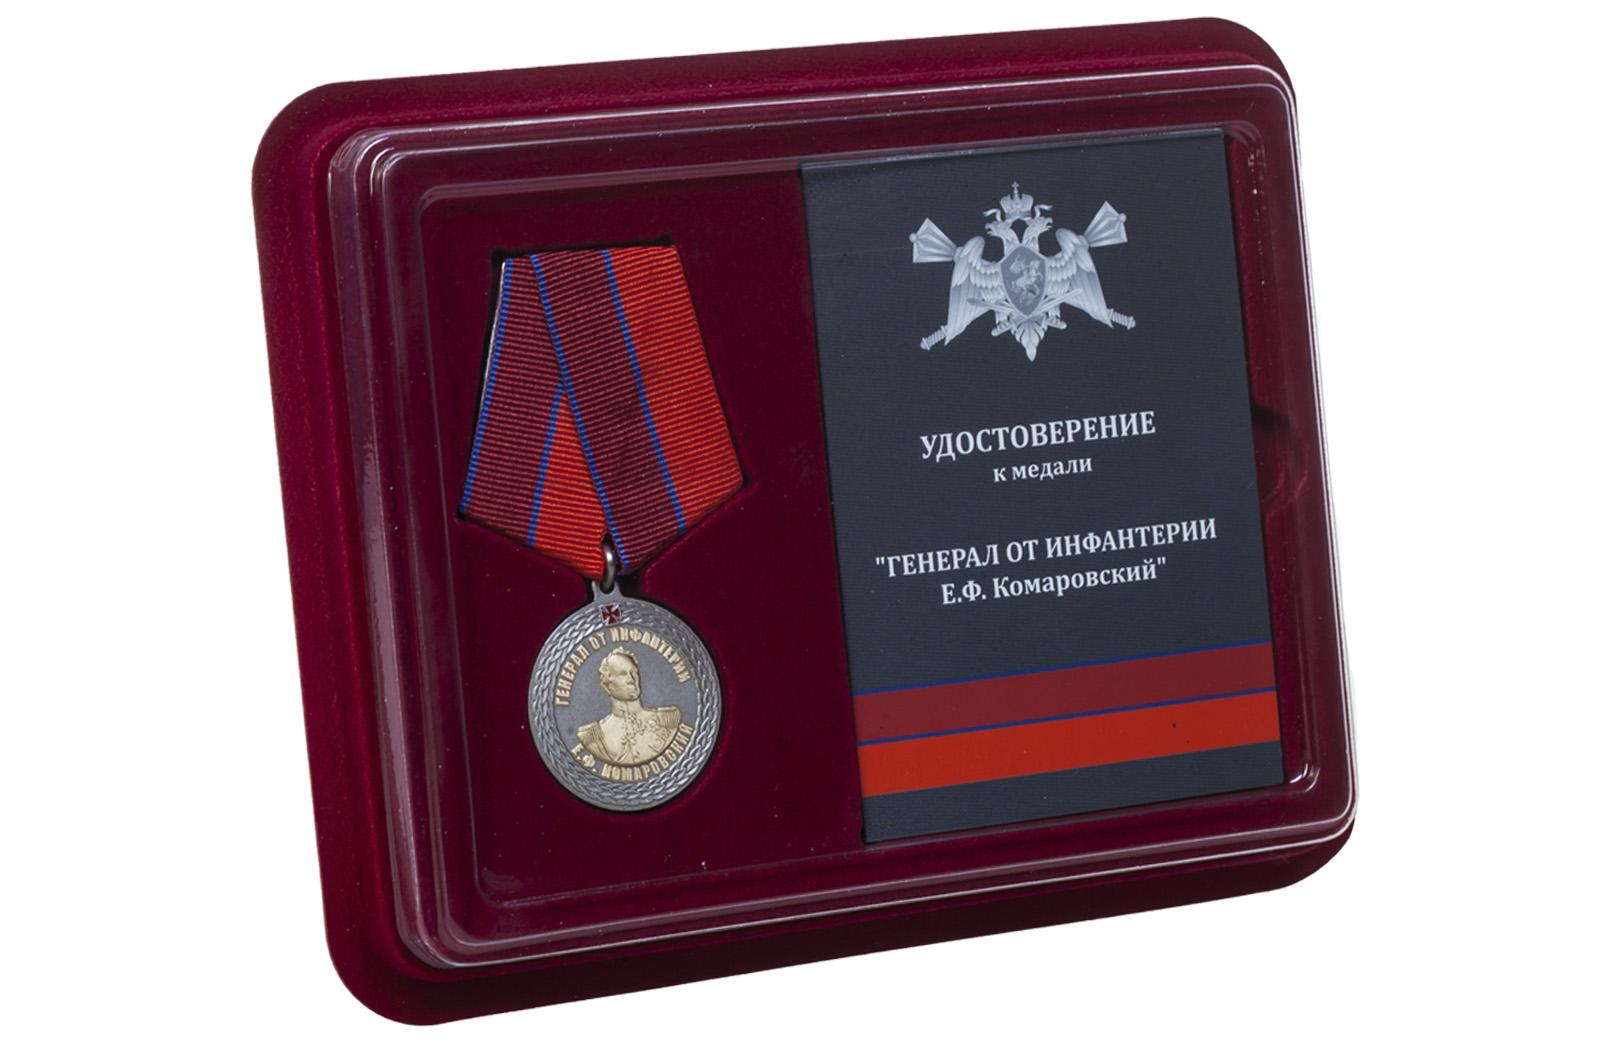 Медаль с символикой Росгвардии Генерал от инфантерии Е.Ф. Комаровский - в футляре с удостоверением